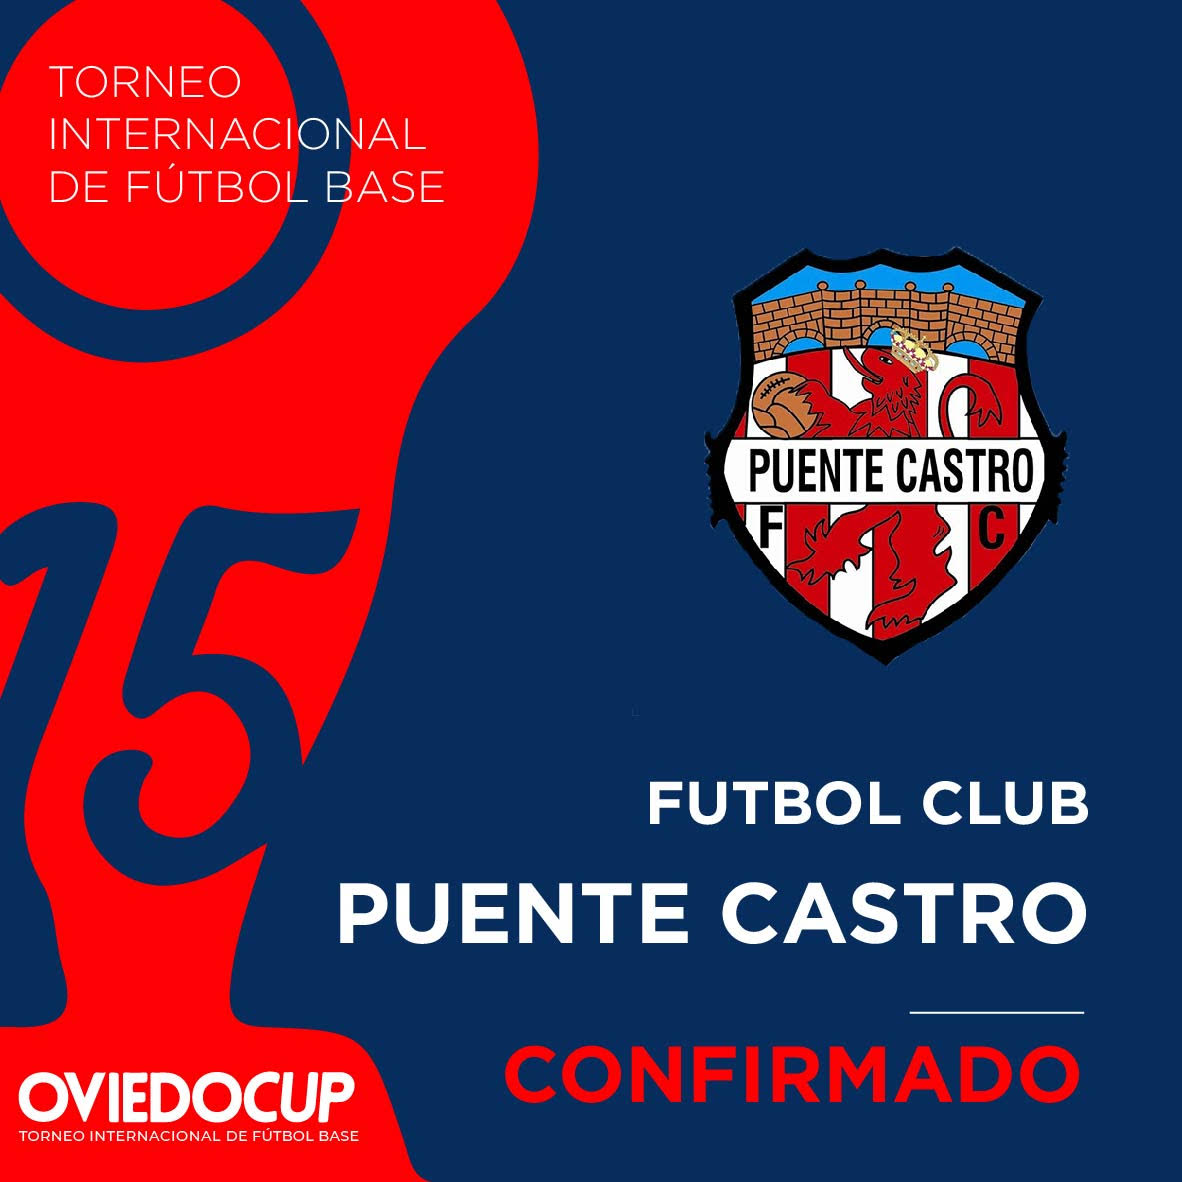   EQUIPO CONFIRMADO  ¡¡Es una gran noticia que el club castellanoleonés competirá en la #OviedoCup2020!! @PuenteCastroFC  #TorneoInternacional #FútboBase #OviedoCup #XVEdición #SemanaSantapic.twitter.com/32DbS0c7em